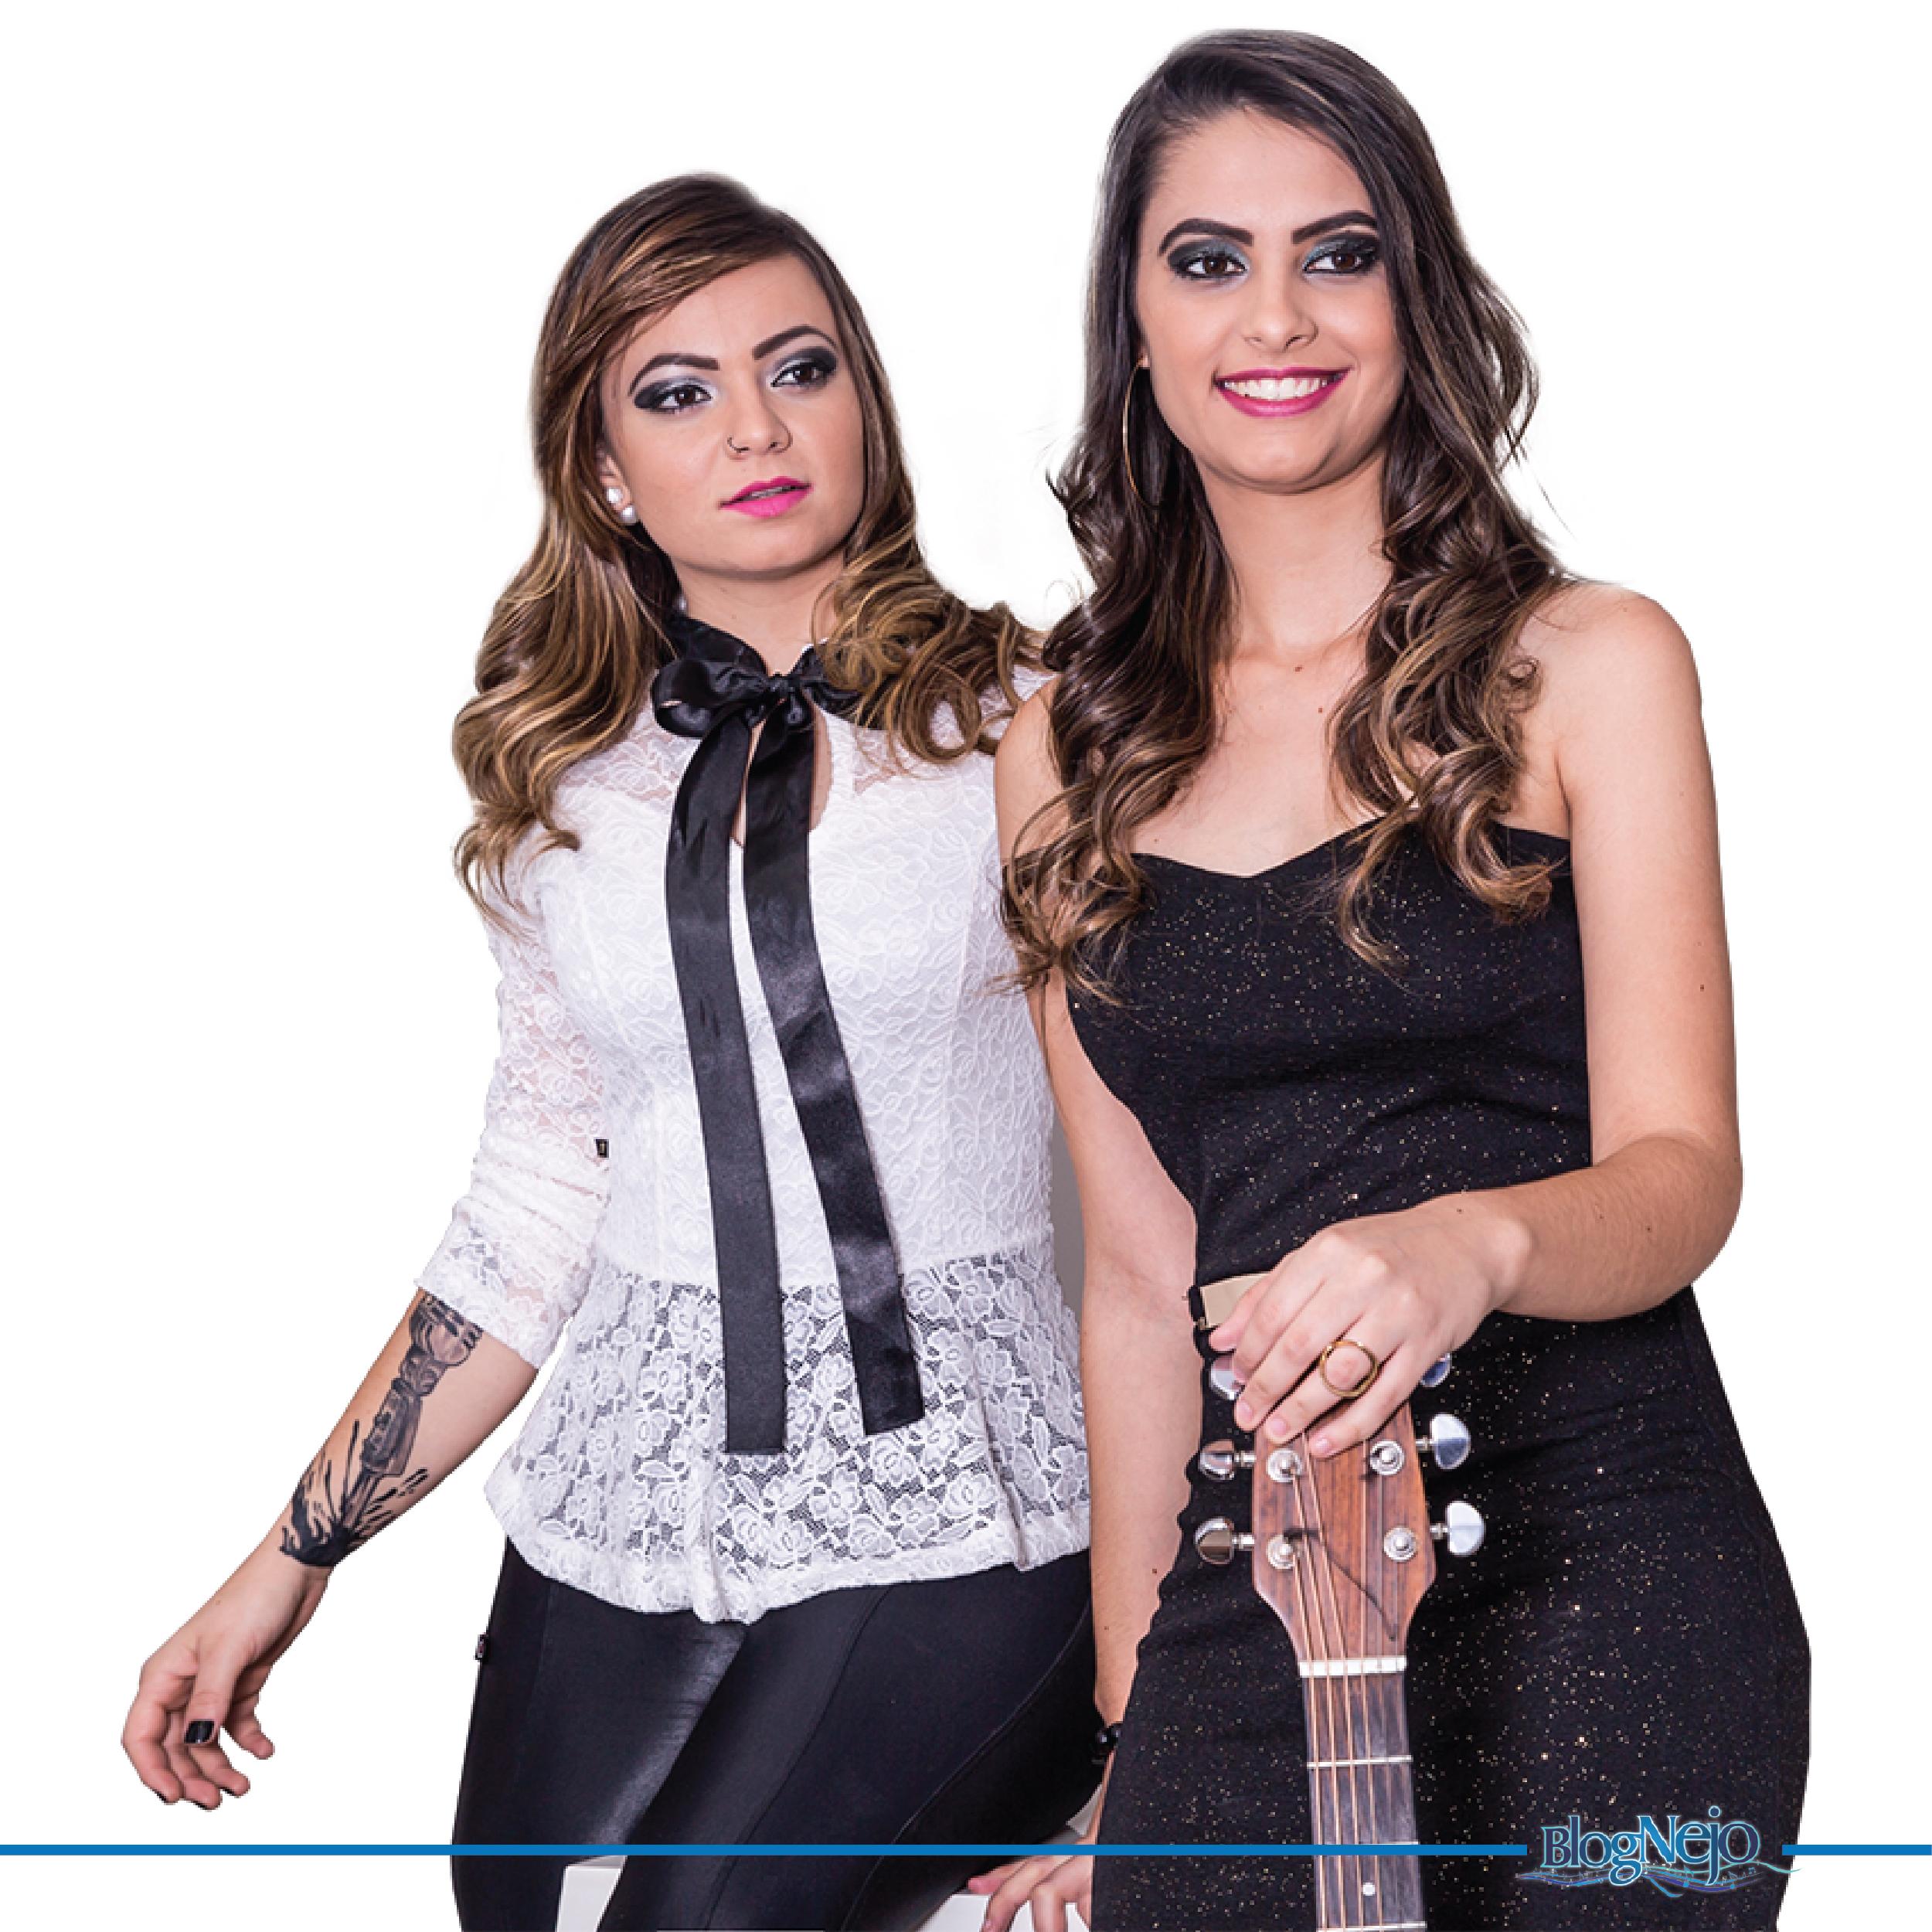 Mais uma boa dupla feminina com música nova: Rayane Diniz & Luana